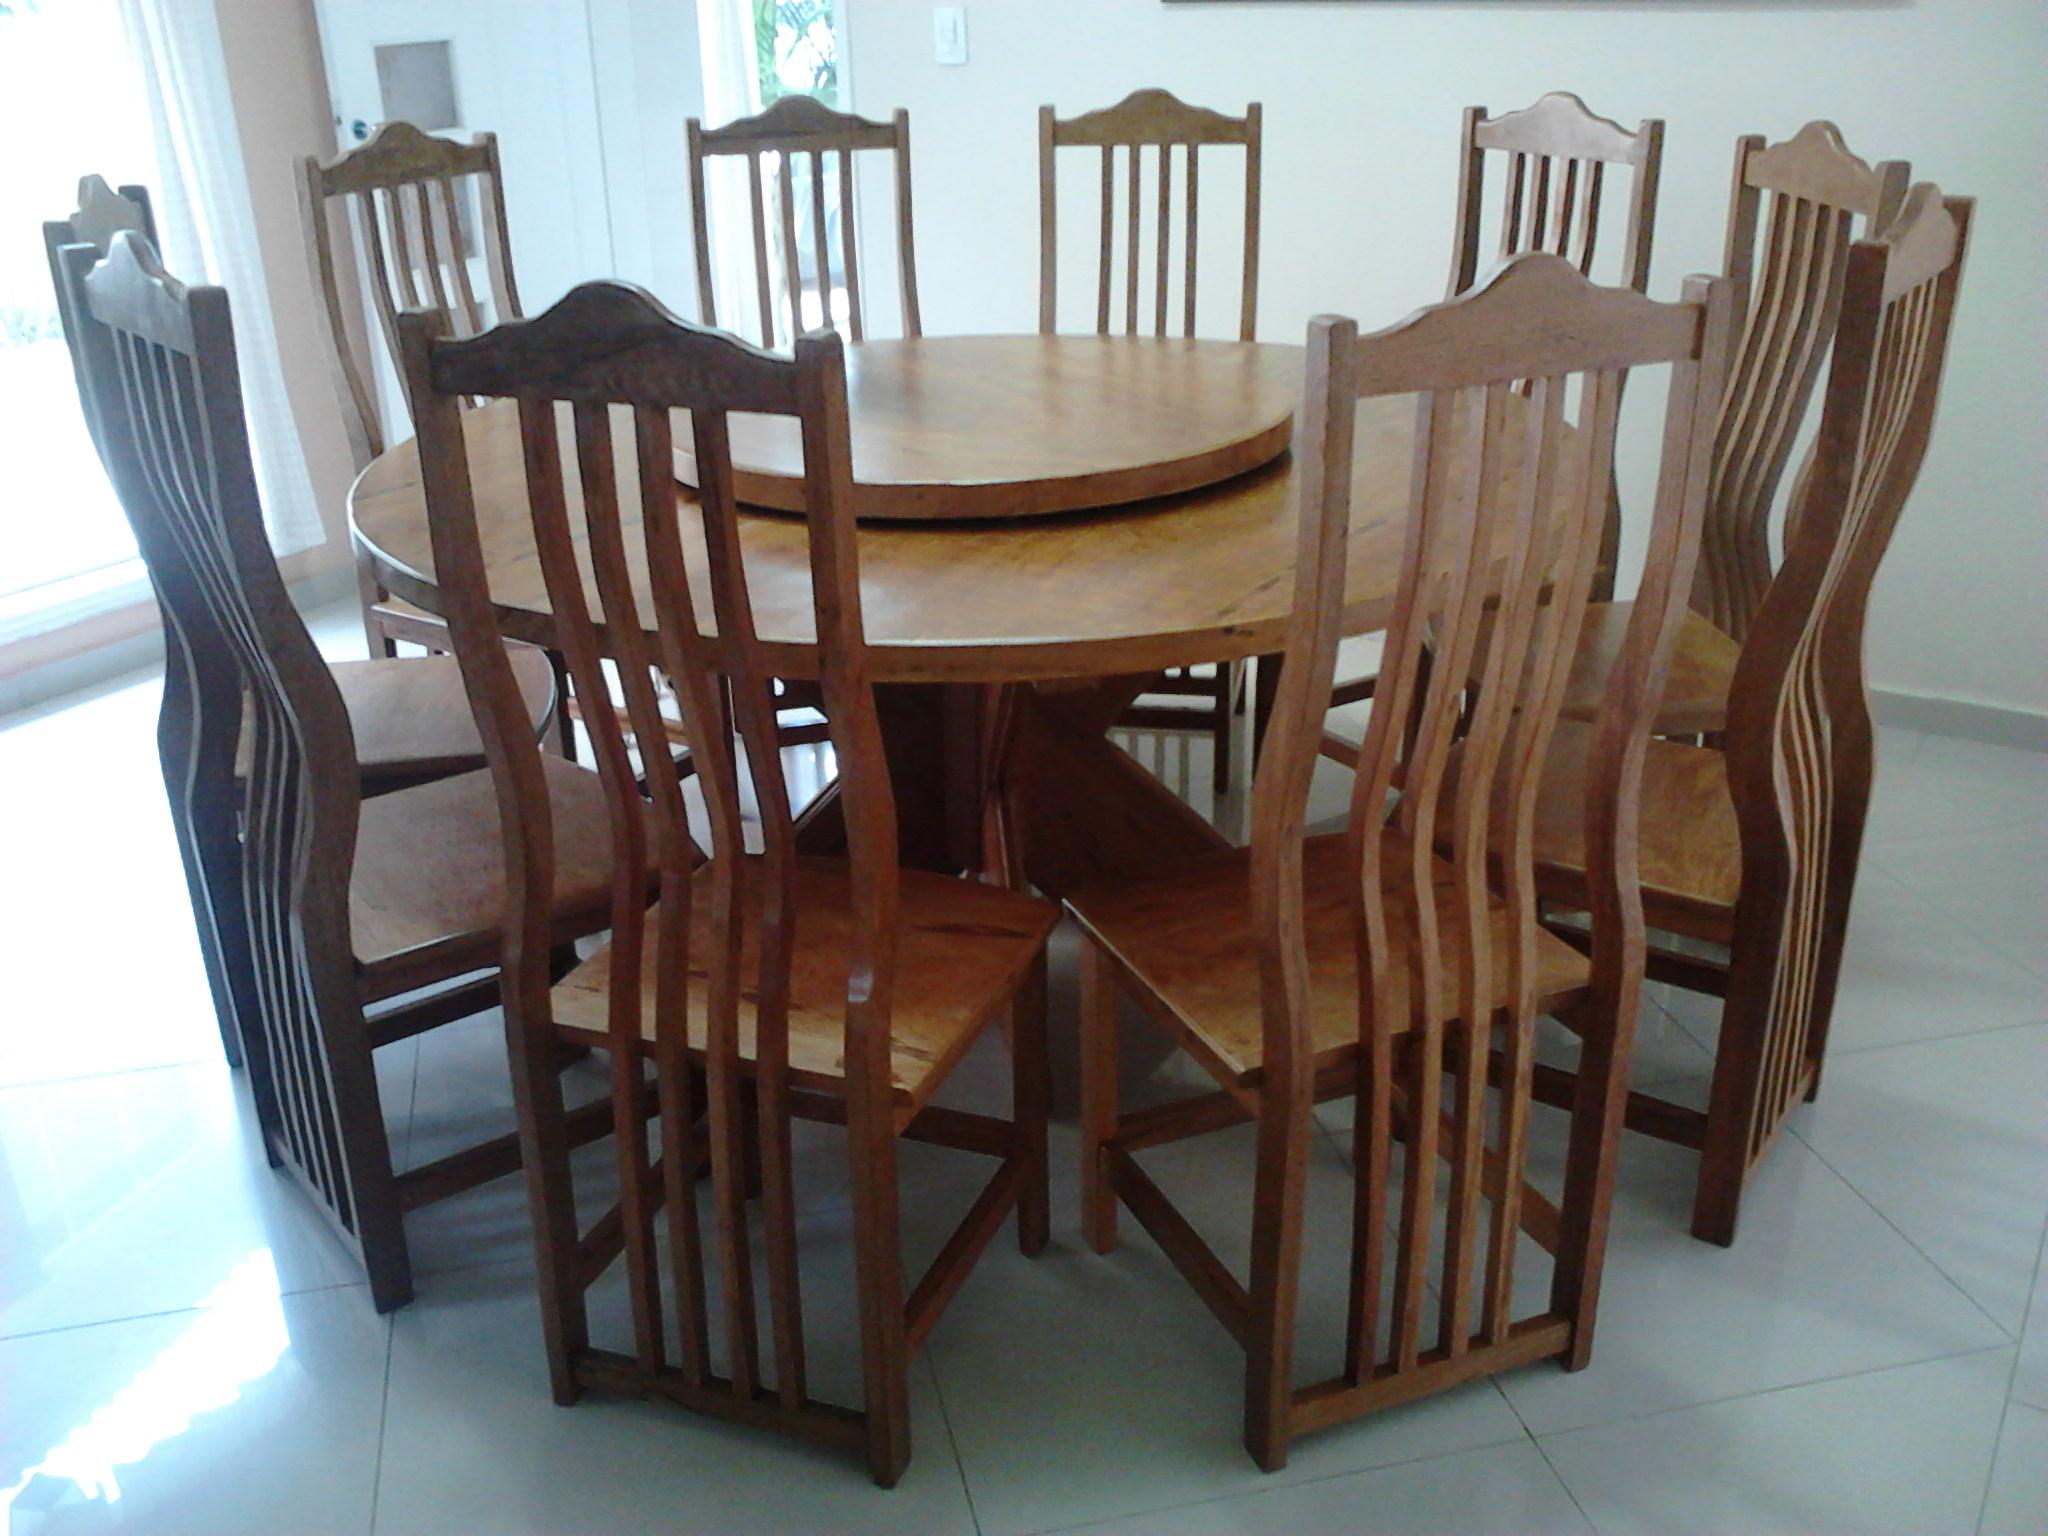 Mesa Redonda com Tampo Giratorio e Cadeiras da Onda (2)